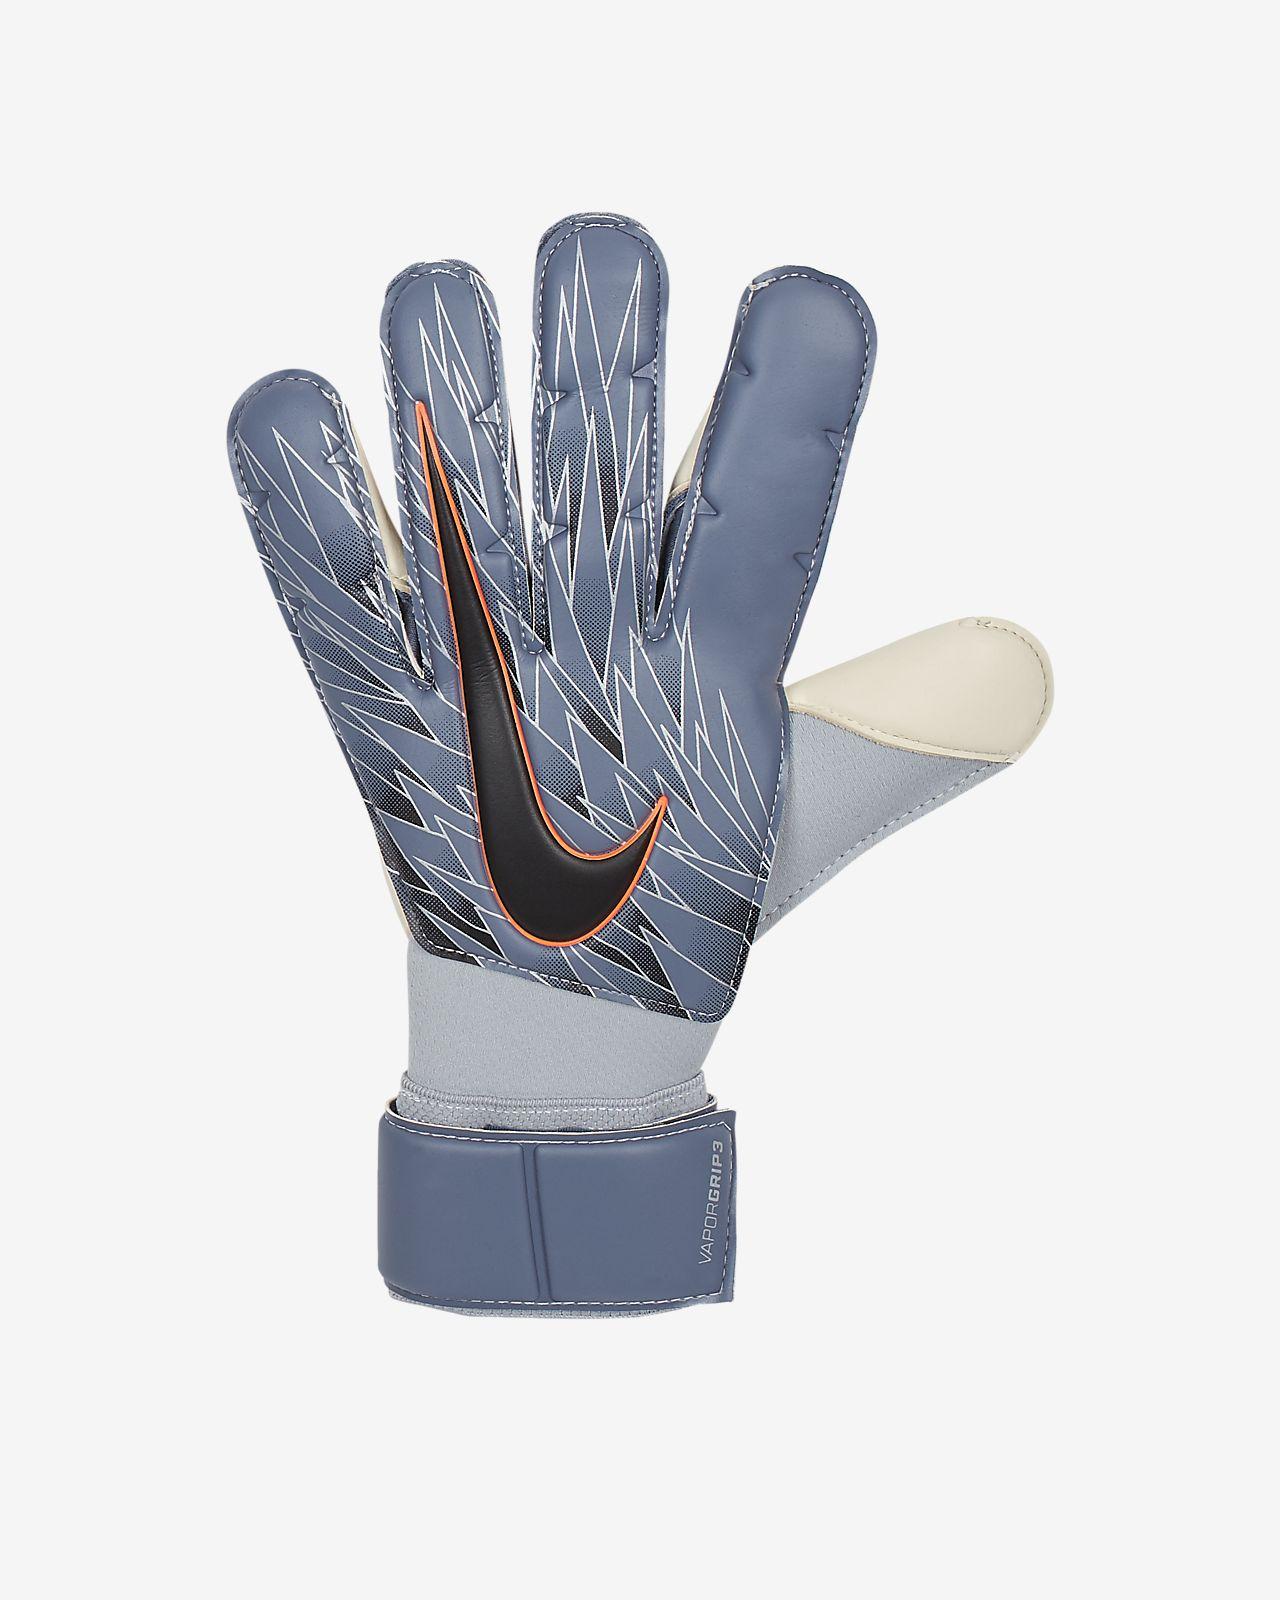 Guantes de fútbol Nike Goalkeeper Vapor Grip3